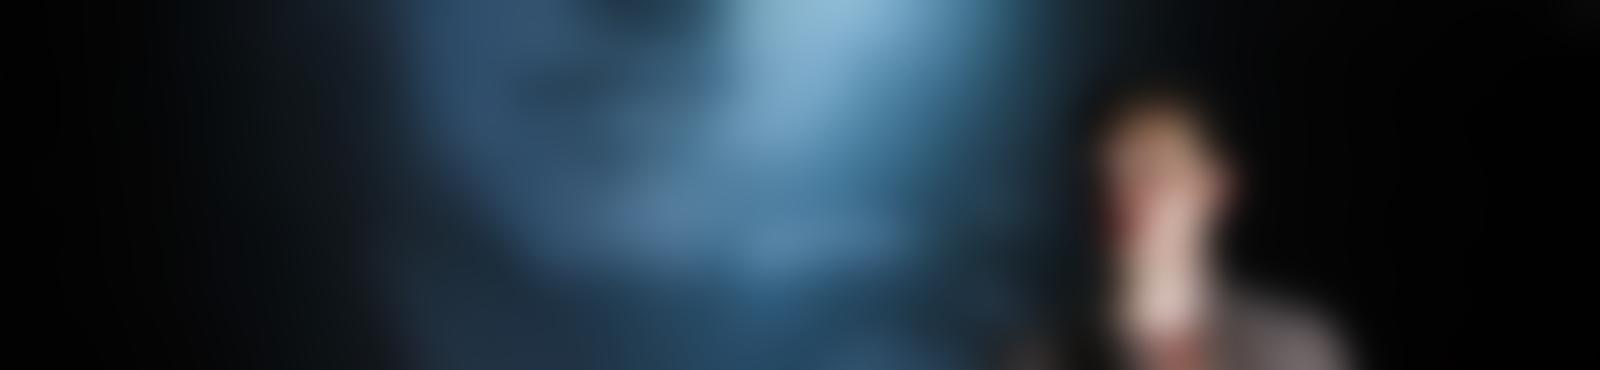 Blurred a98b4cff 6c42 4d82 ae99 5b36b40440e8